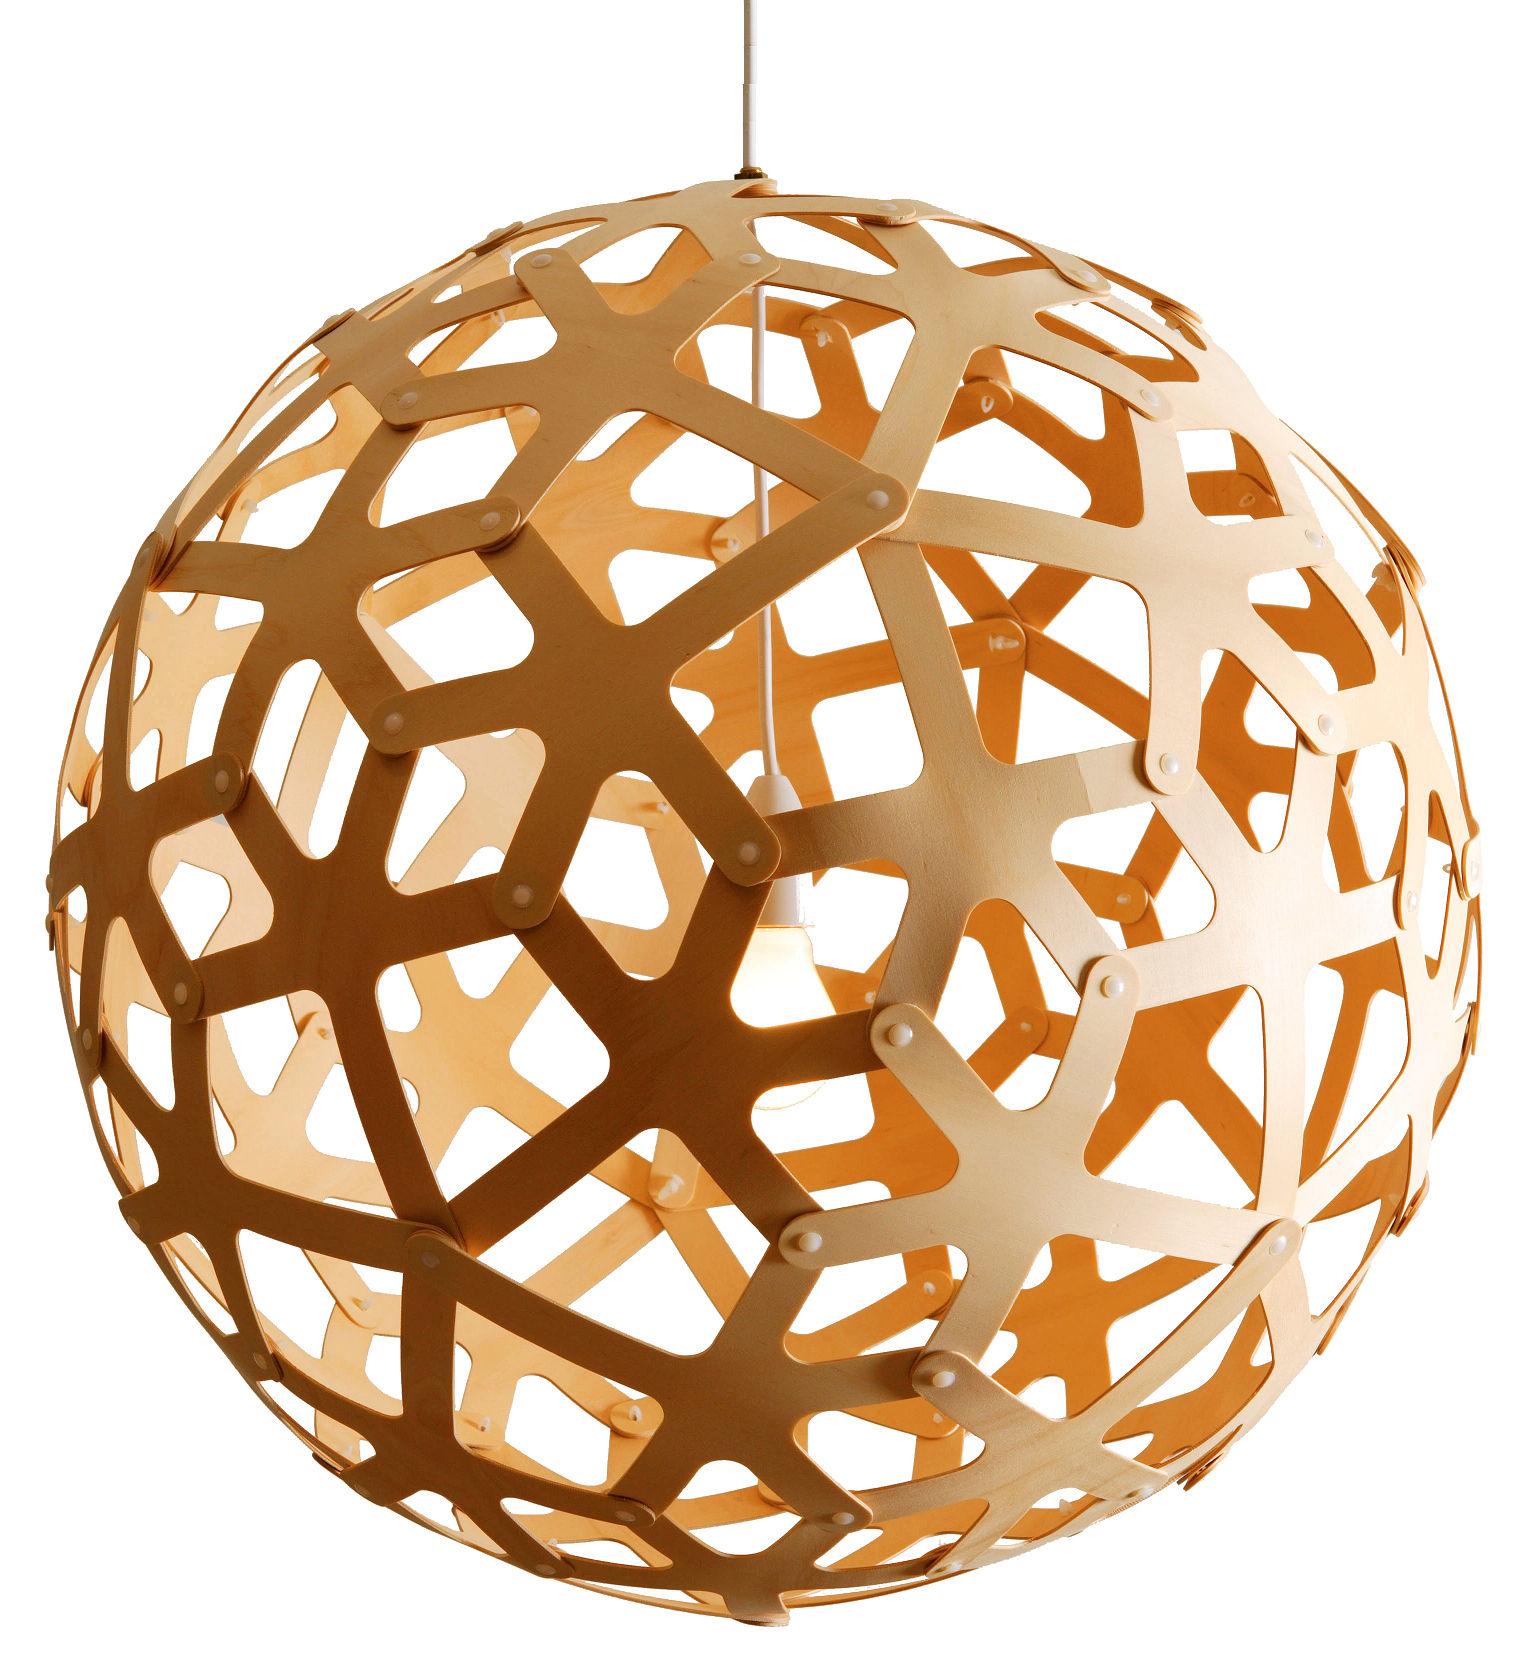 Leuchten - Pendelleuchten - Coral Pendelleuchte Ø 60 cm - David Trubridge - Holz natur - Ø 60 cm - Kiefernfurnier